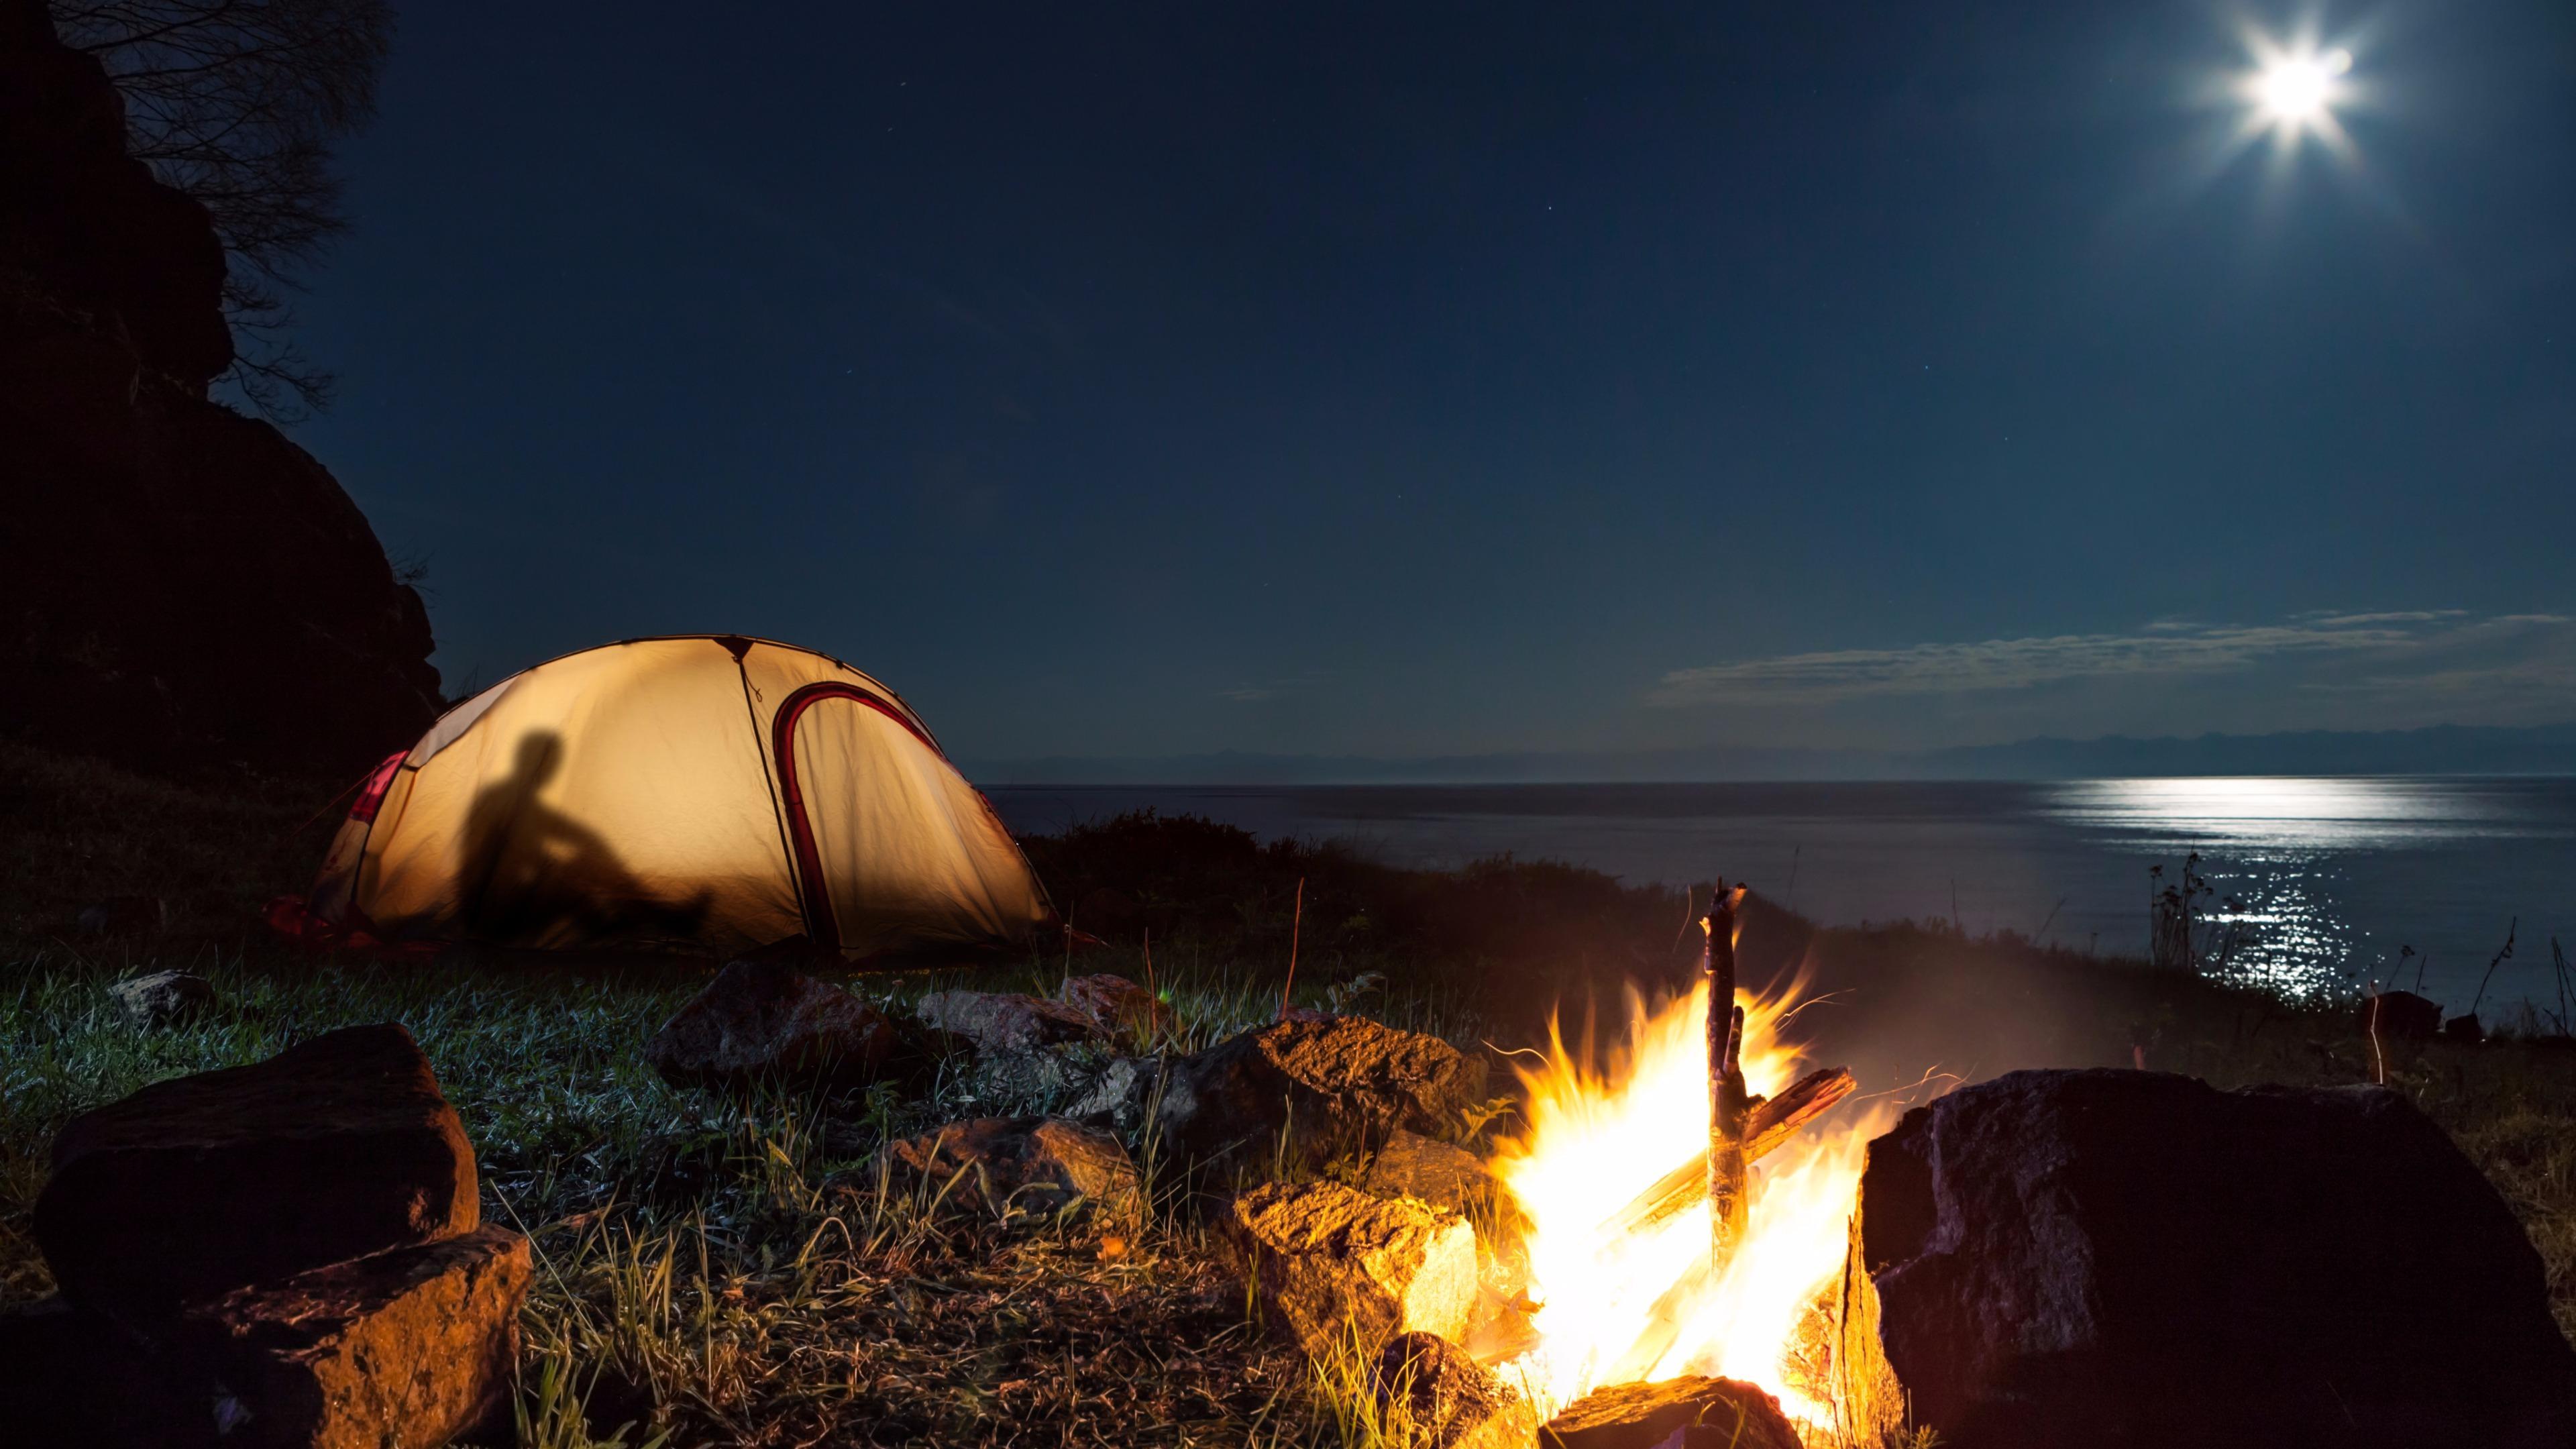 Moonlight Camp wallpaper